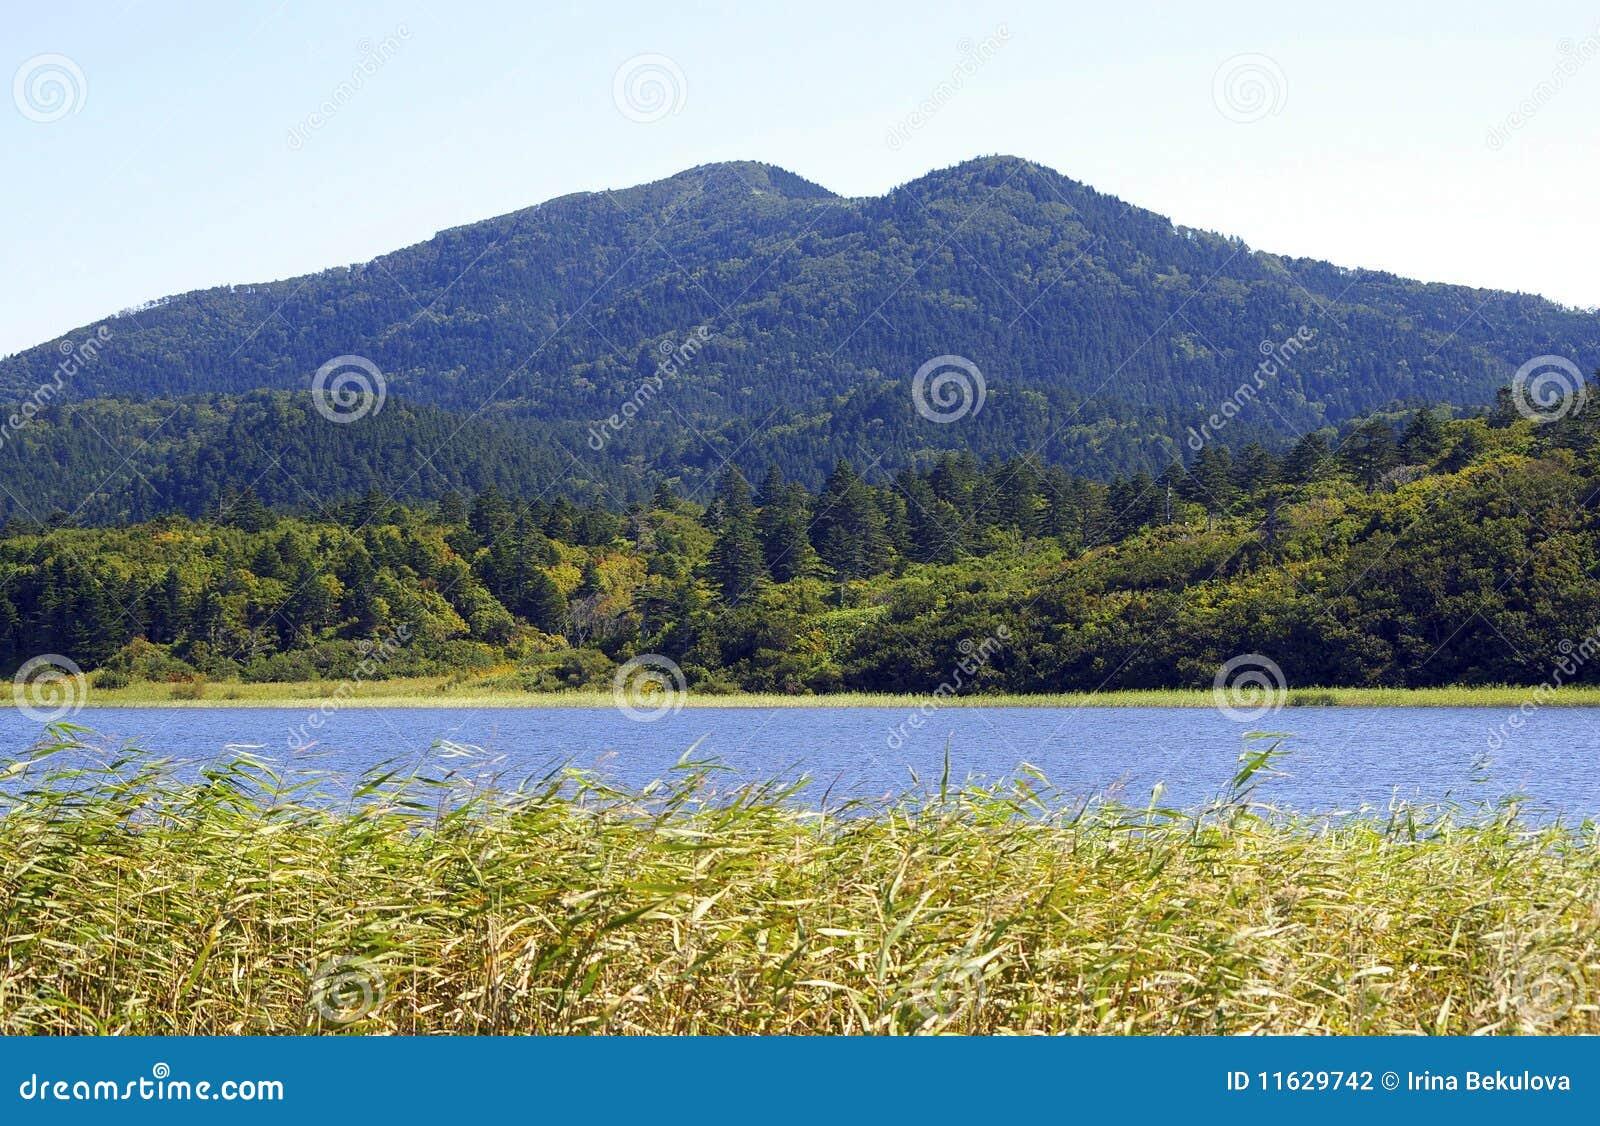 Lake Aliger